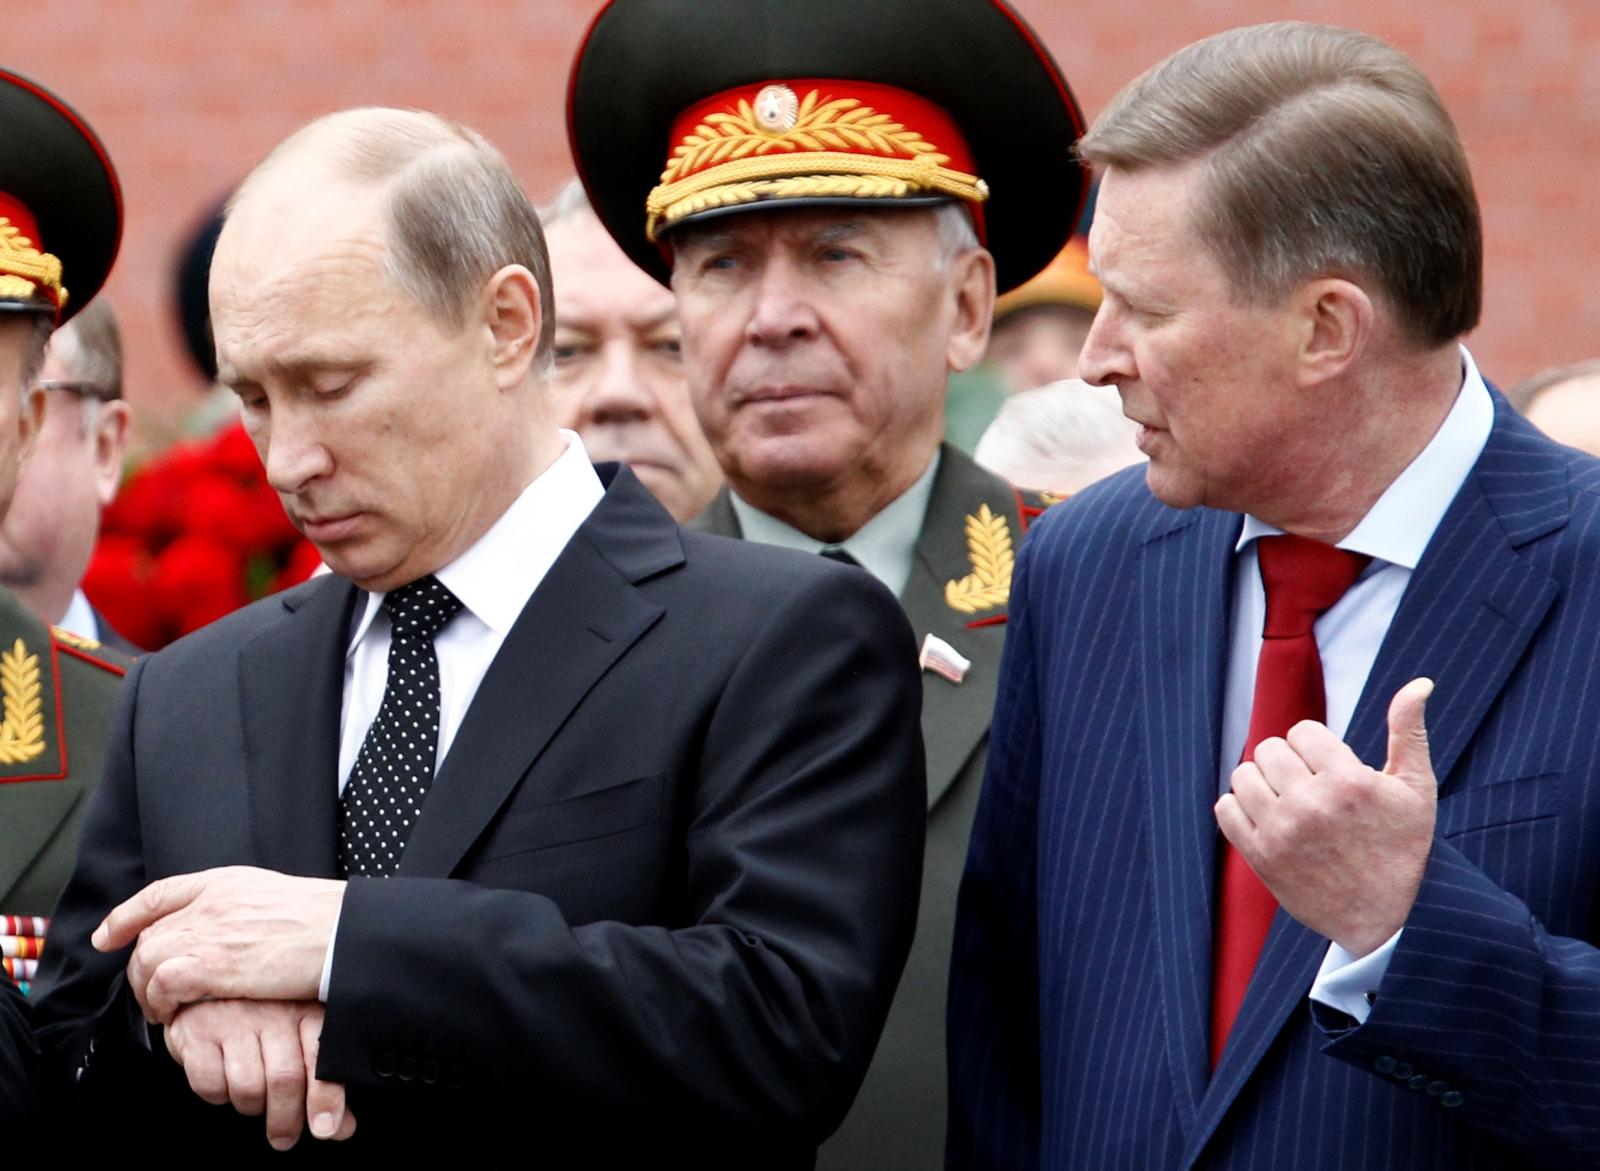 Ivanov and Putin